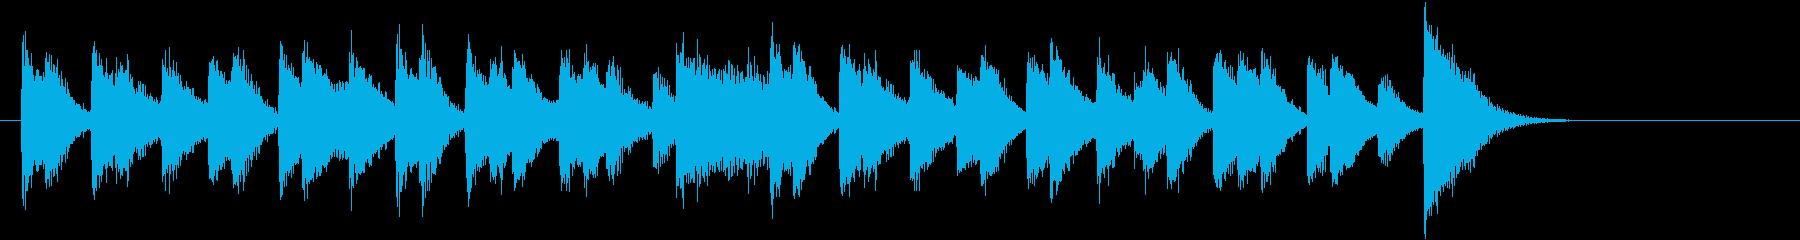 ラテンリズムの軽やか可愛いピアノジングルの再生済みの波形